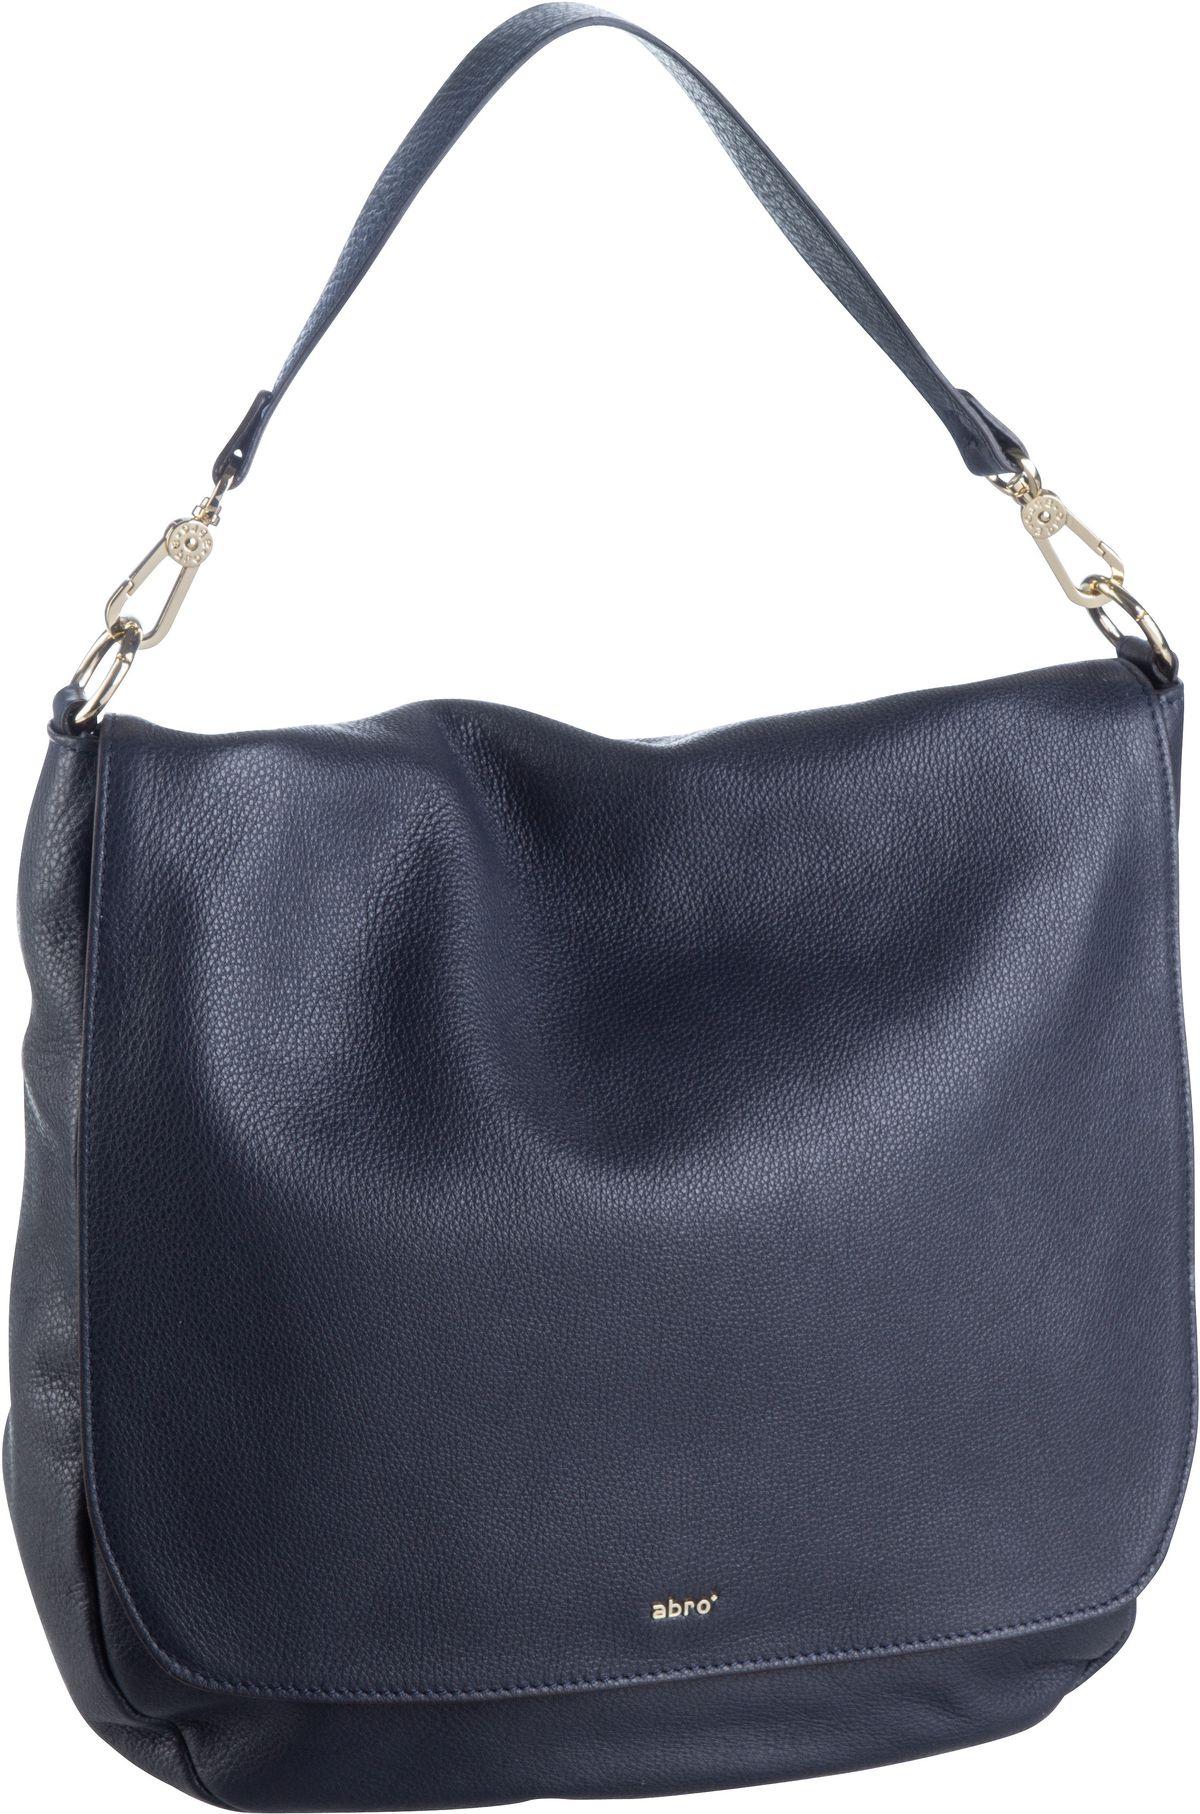 Handtasche Erna 28964 Navy